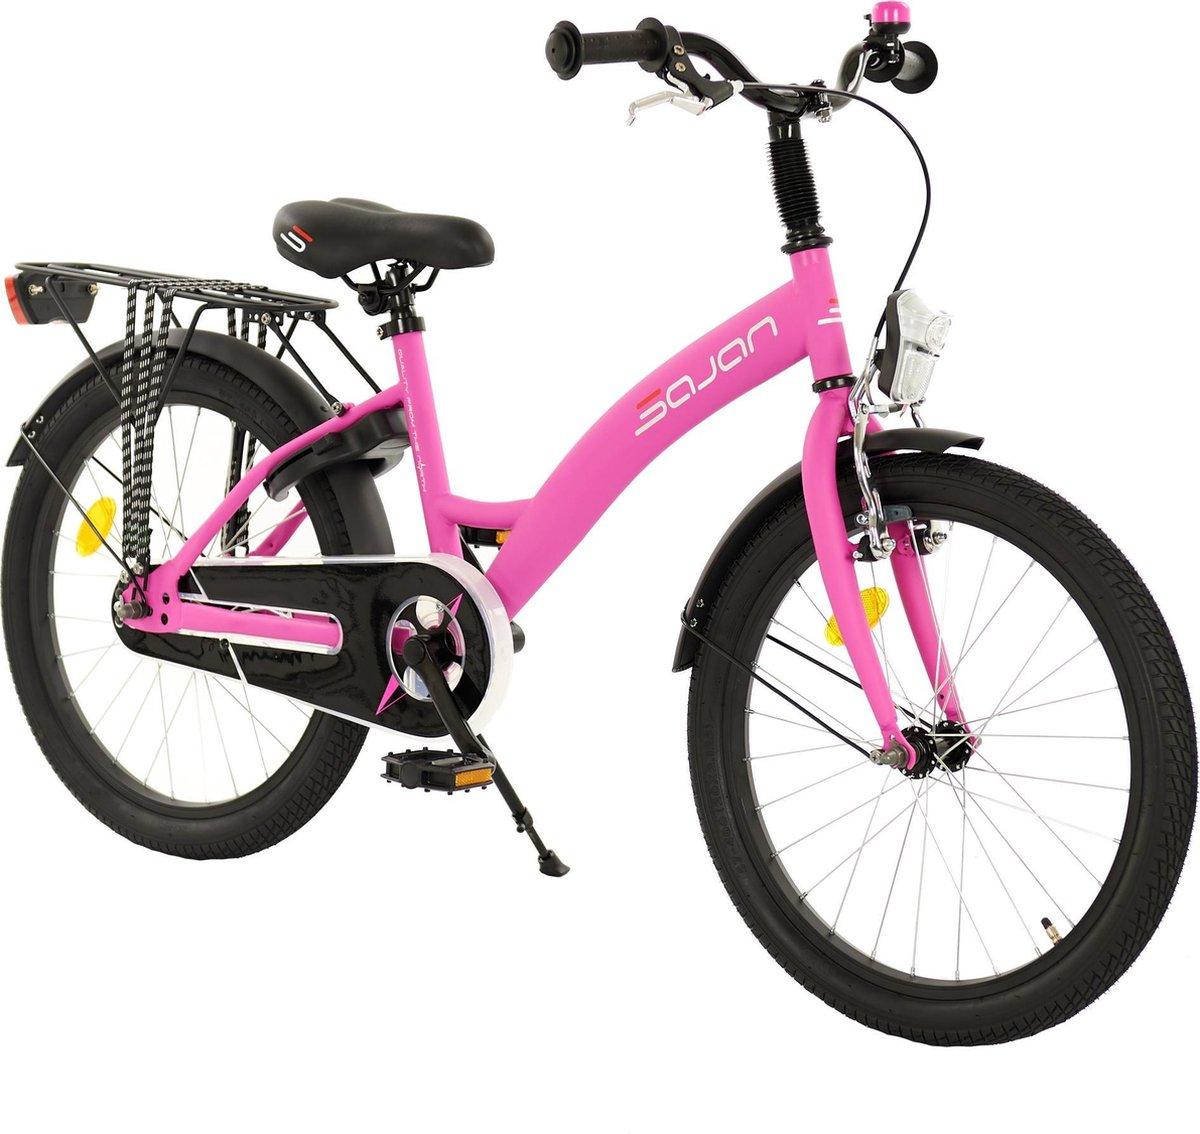 Sajan meisjesfiets - 20 inch - Mat-Roze - Meisjesfiets